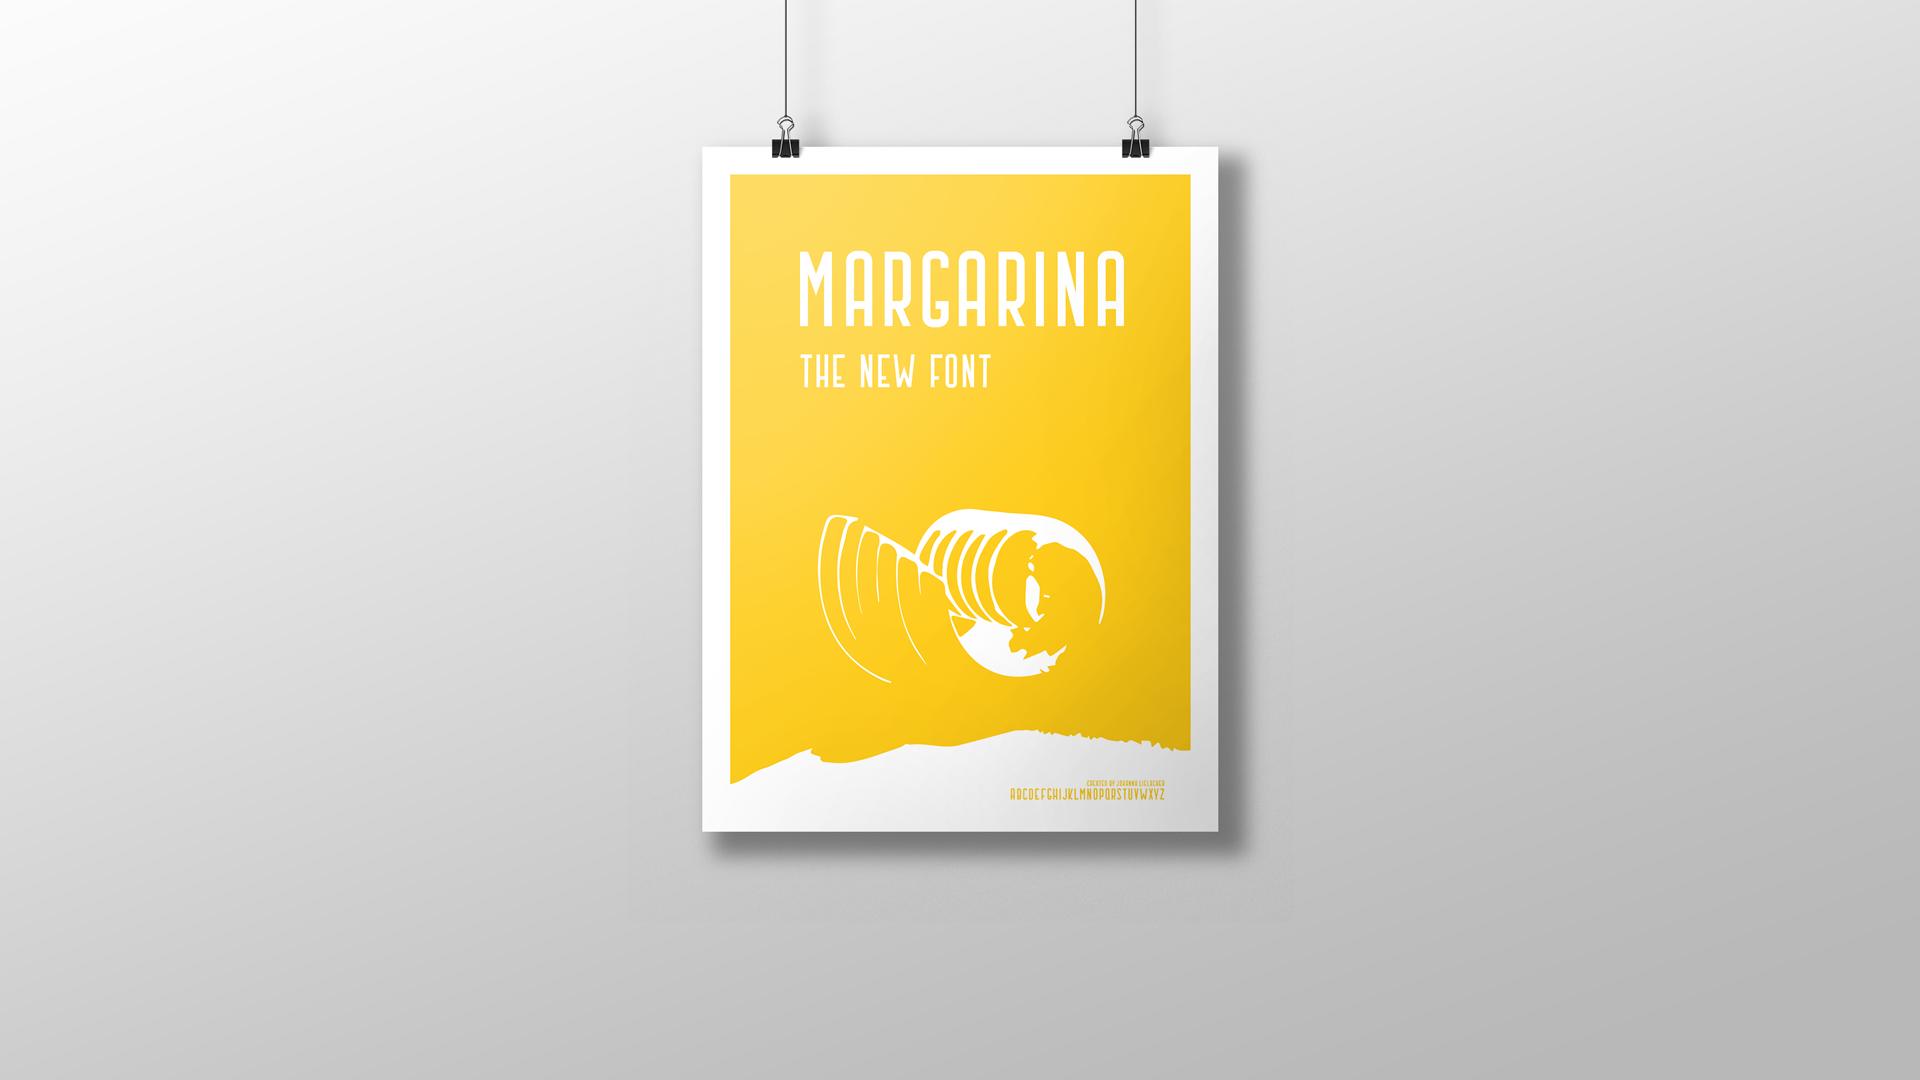 margarina-font-mockup-landscape